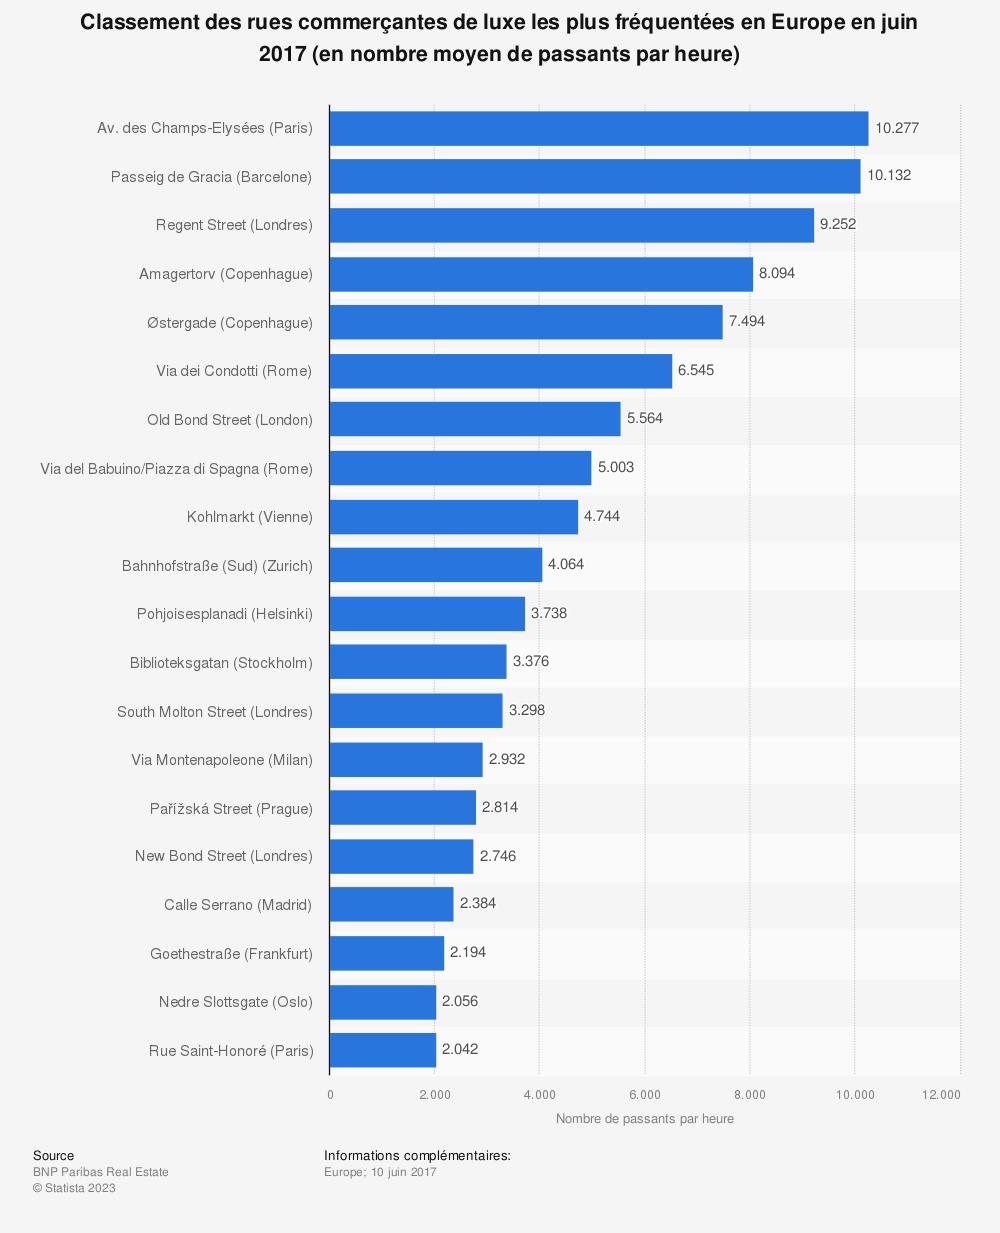 Statistique: Classement des rues commerçantes de luxe les plus fréquentées en Europe en juin 2017 (en nombre moyen de passants par heure) | Statista